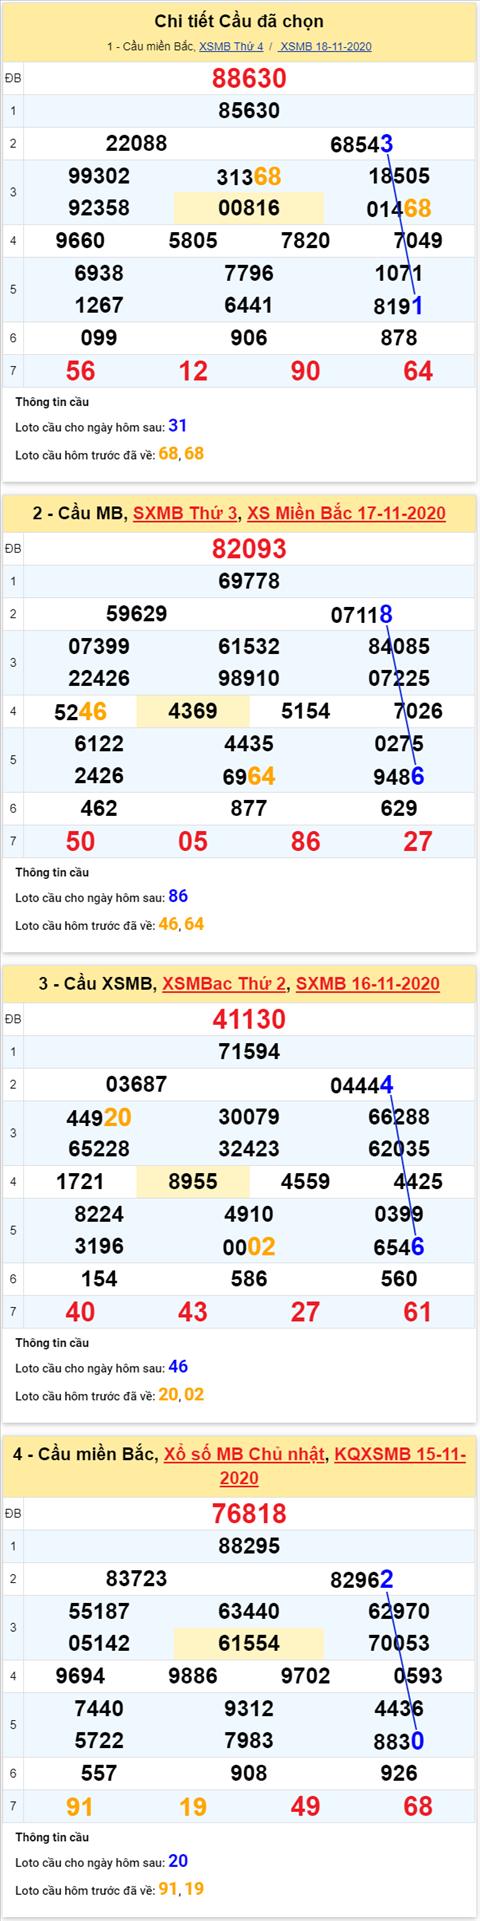 Thong ke XSMB 19112020 - Phan tich xo so Mien Bac 19-11 thu 5 hinh anh 4